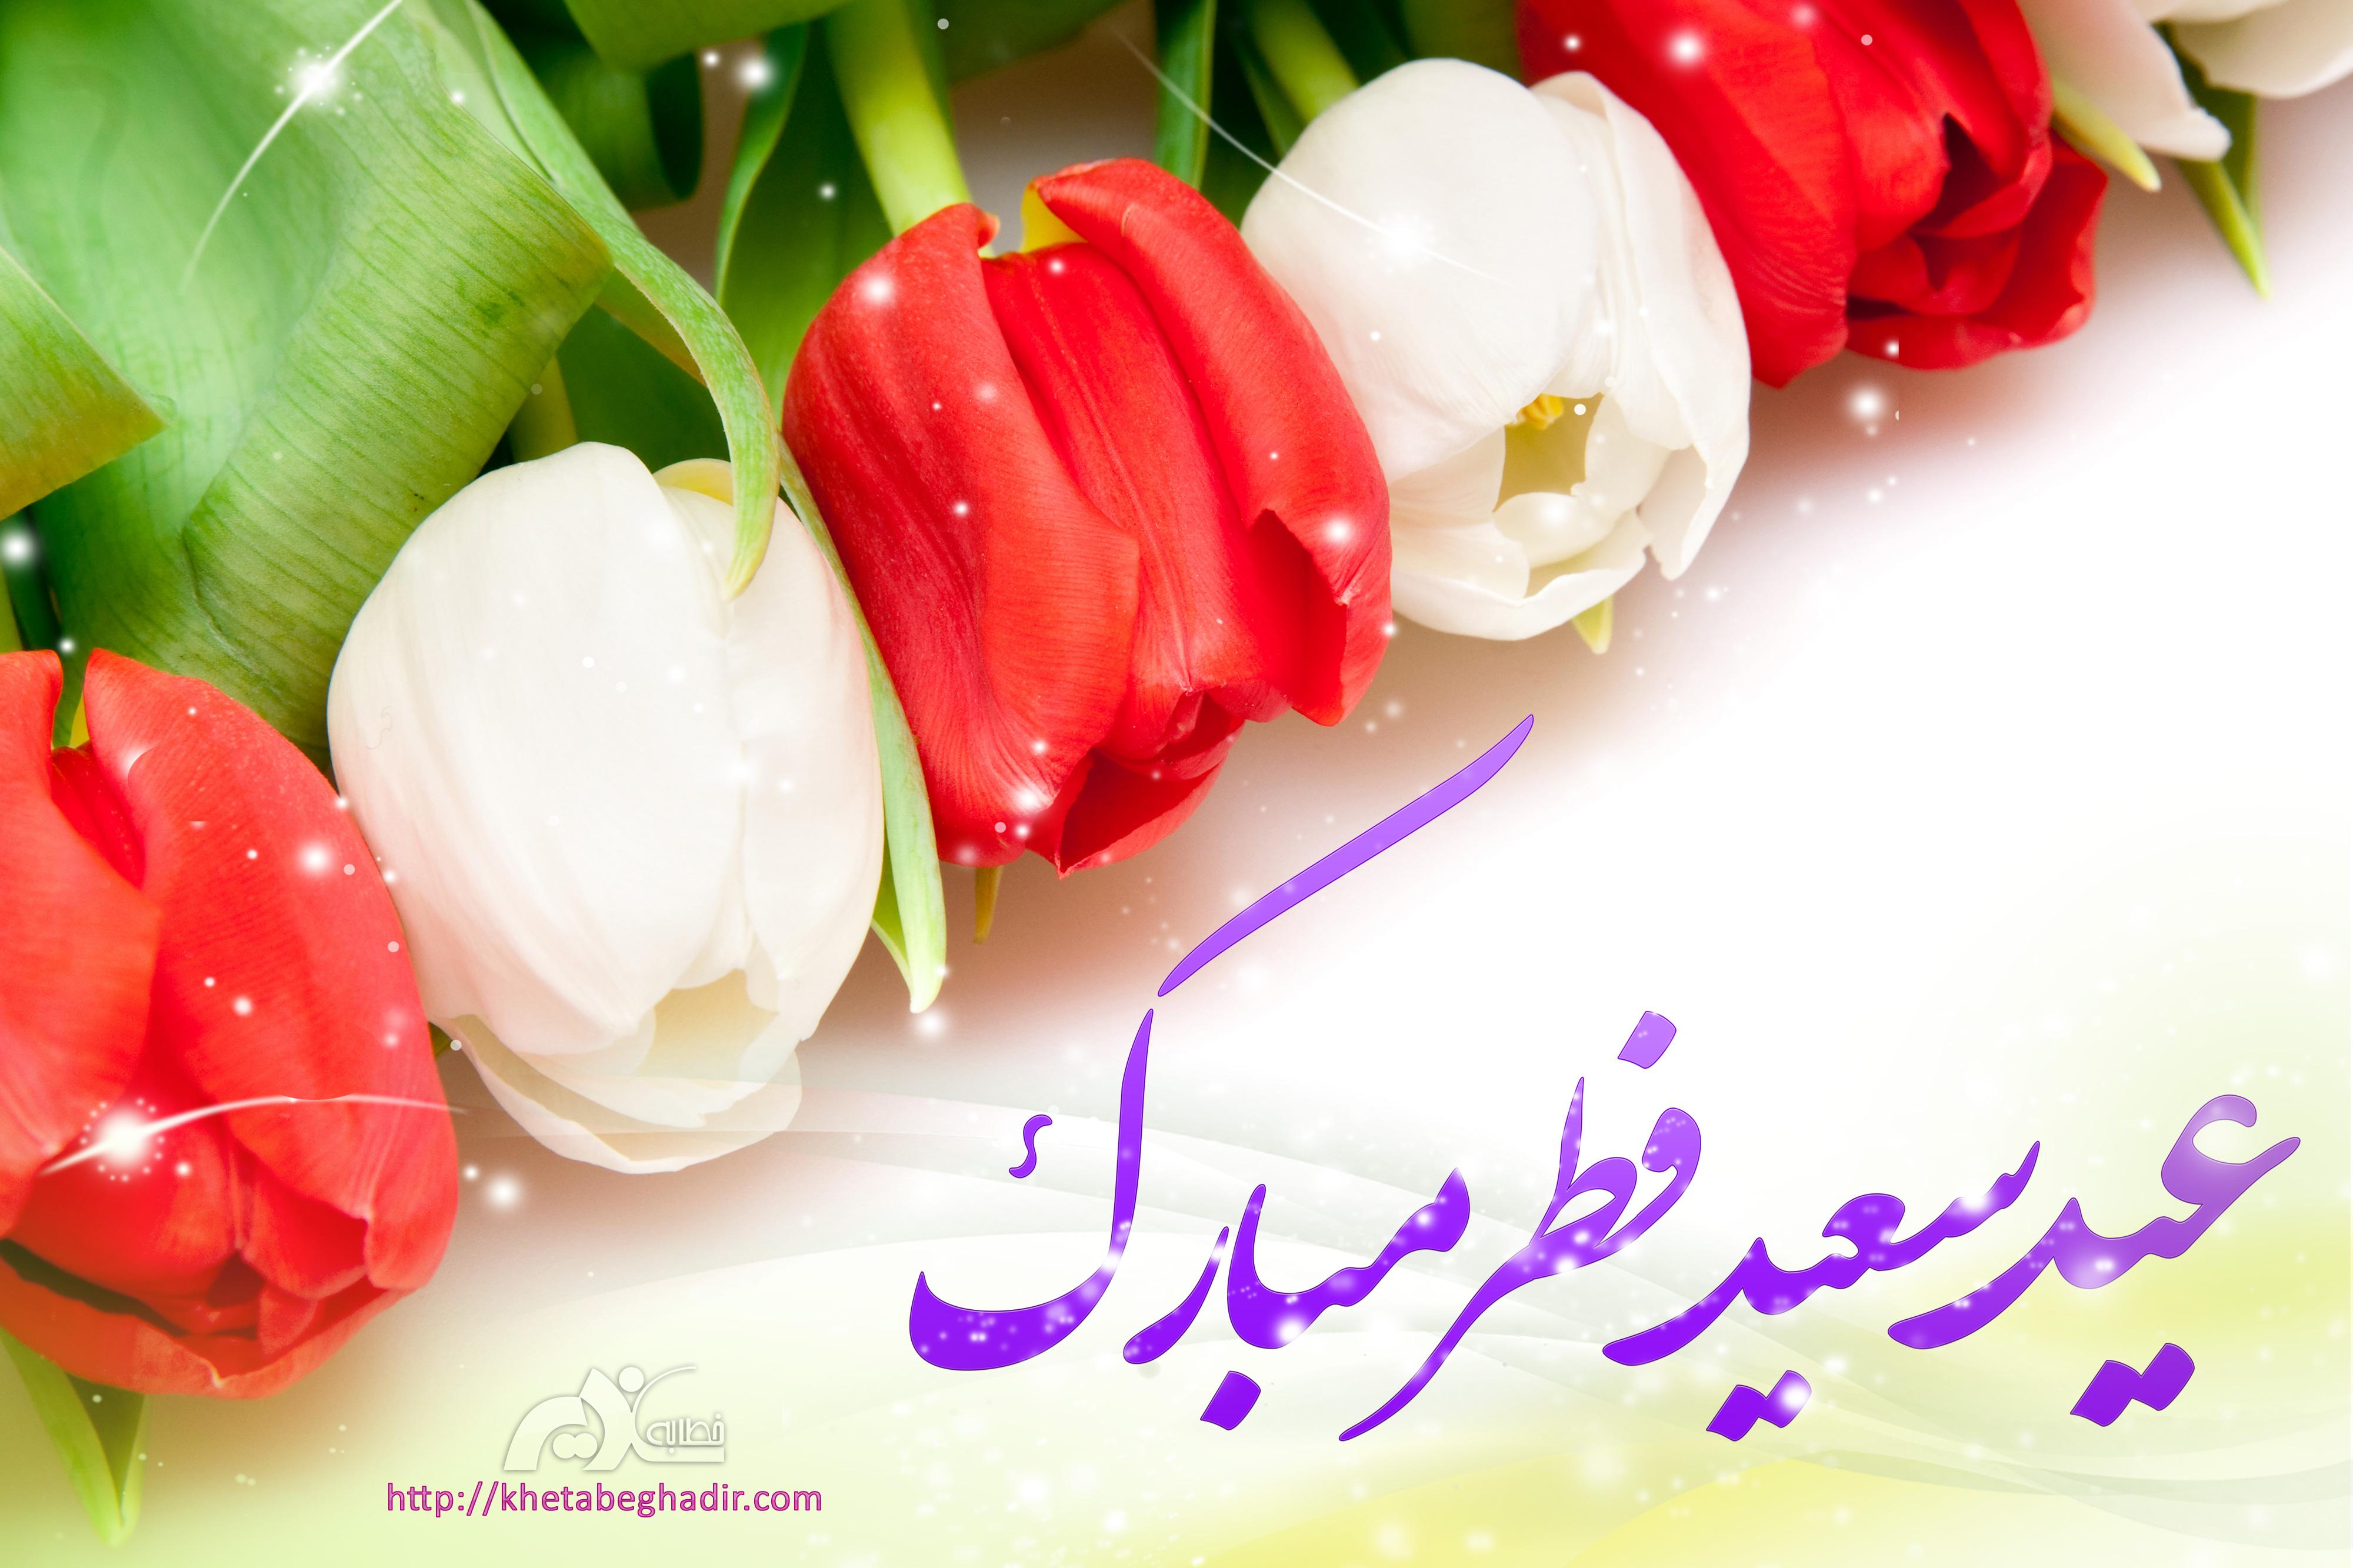 نتیجه تصویری برای عید فطر